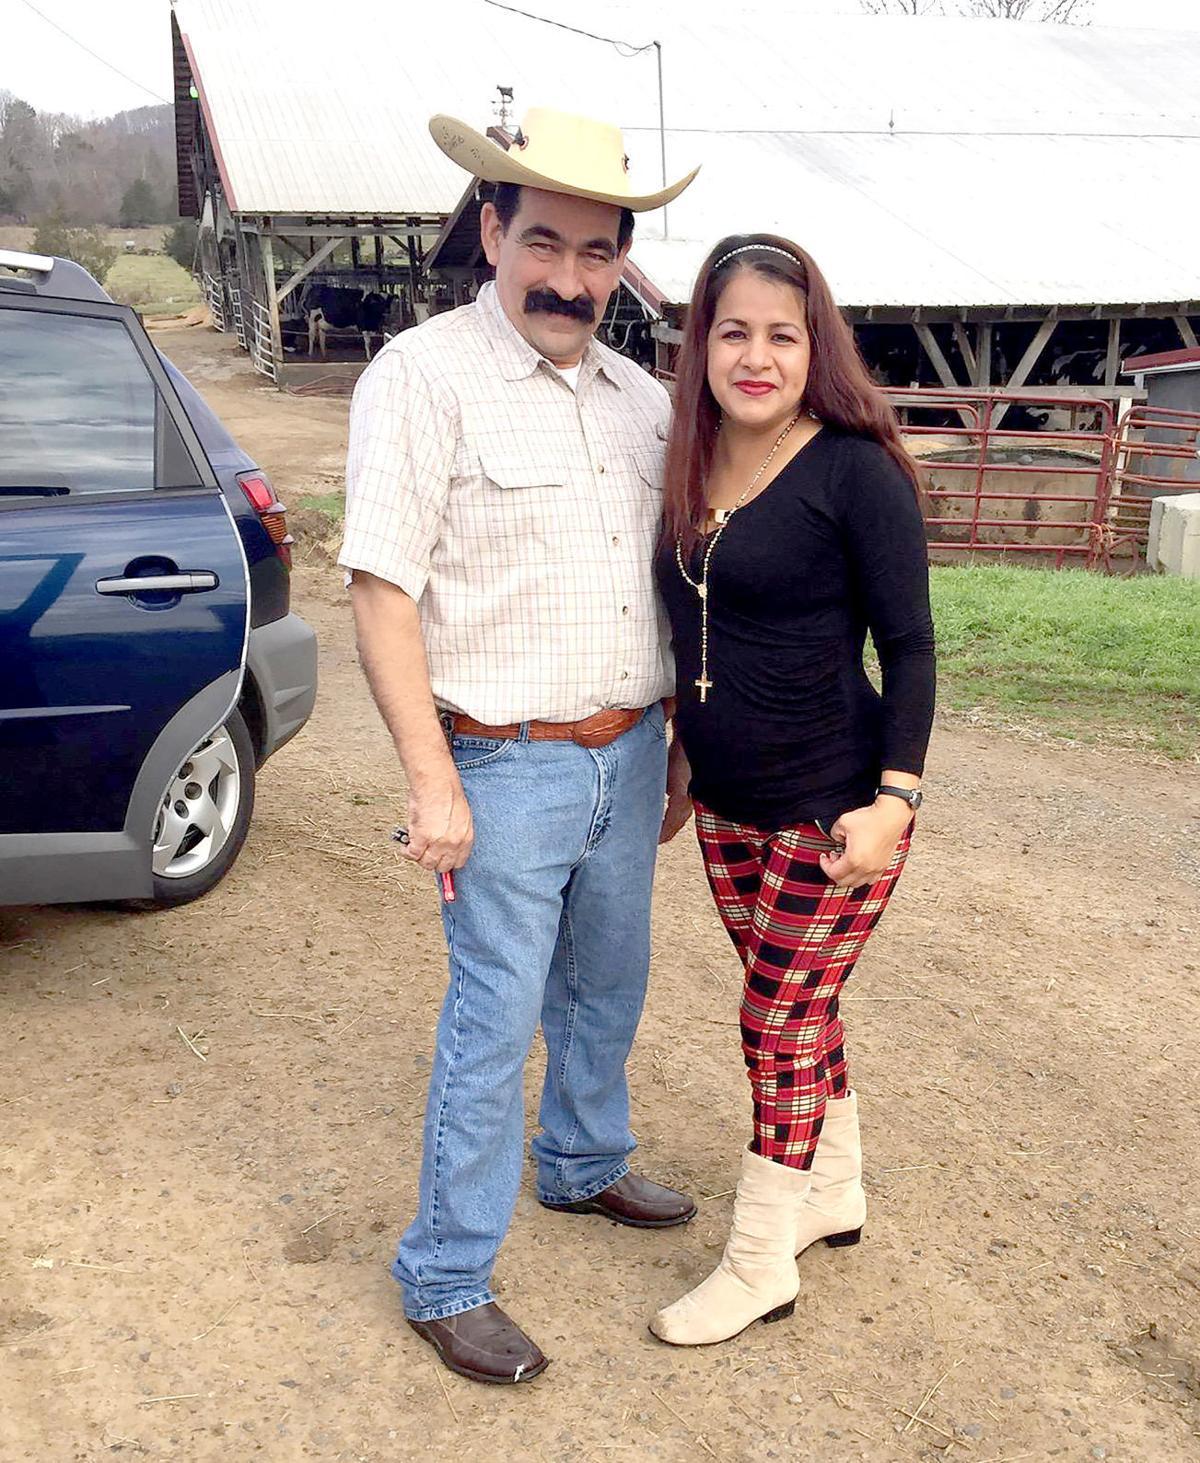 Humberto Gomez and Beatriz Flores Jimenez